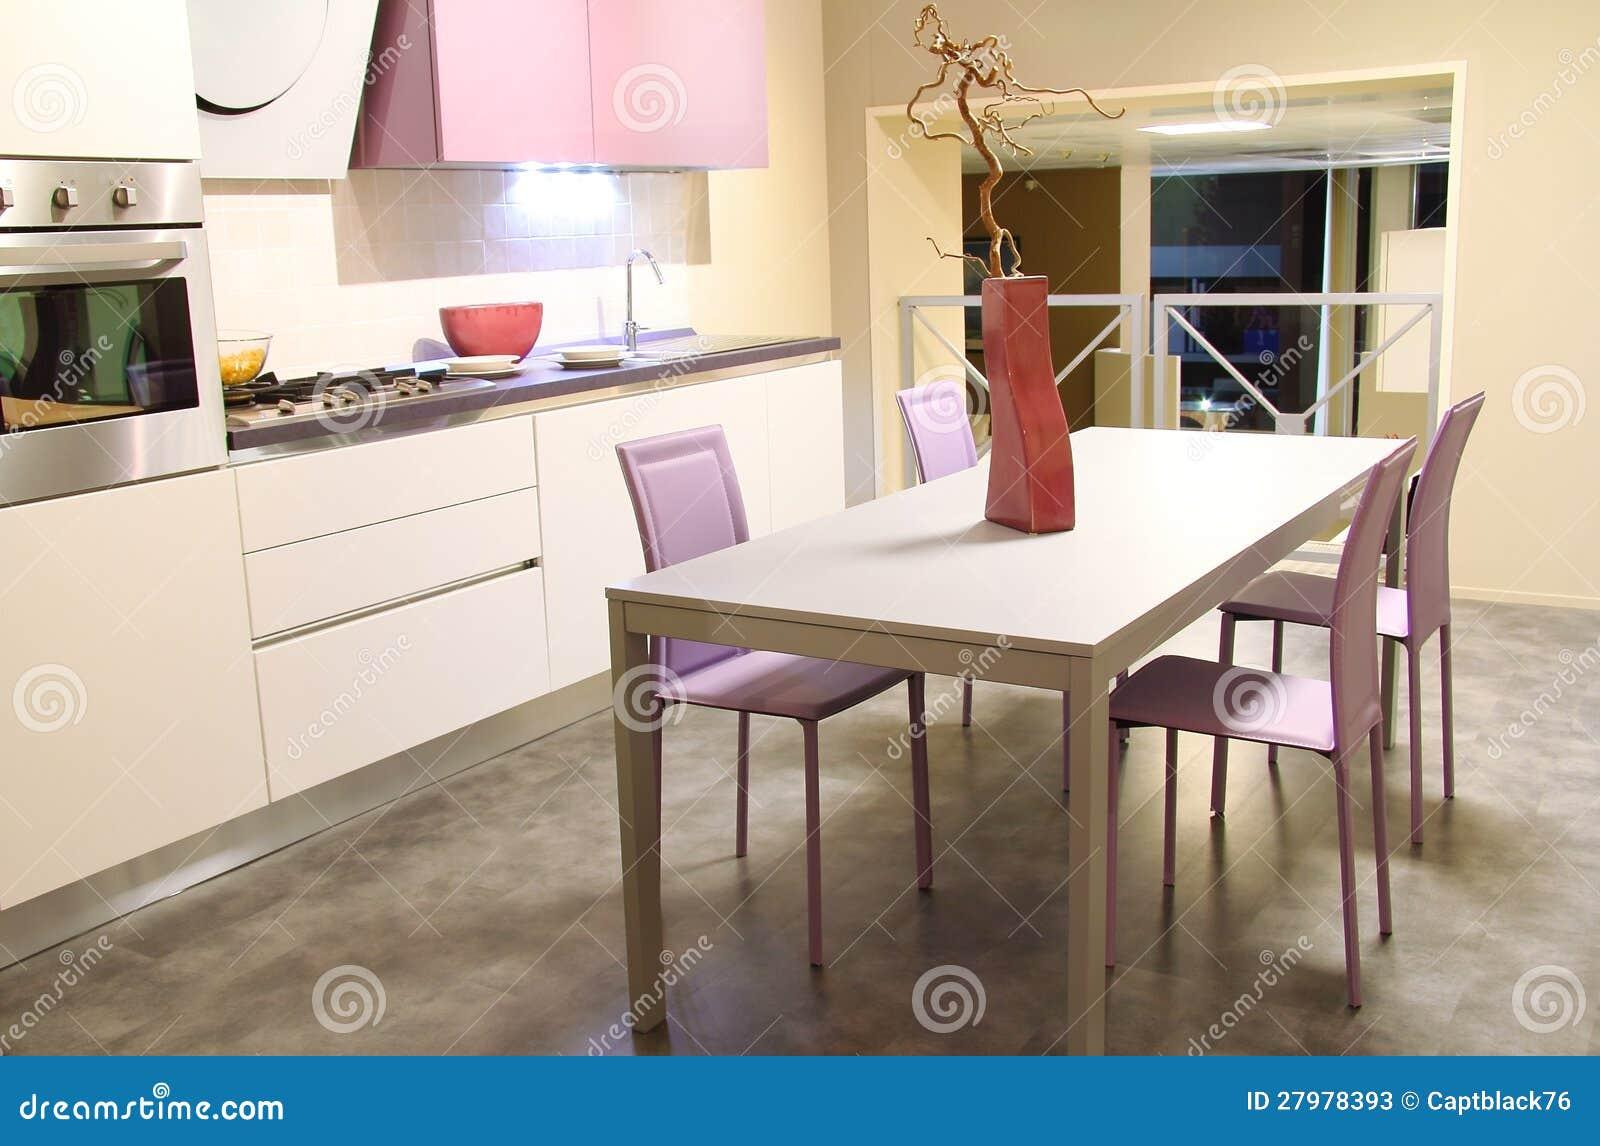 moderne küche in der weichen sahne und im rosa stockfotos - bild